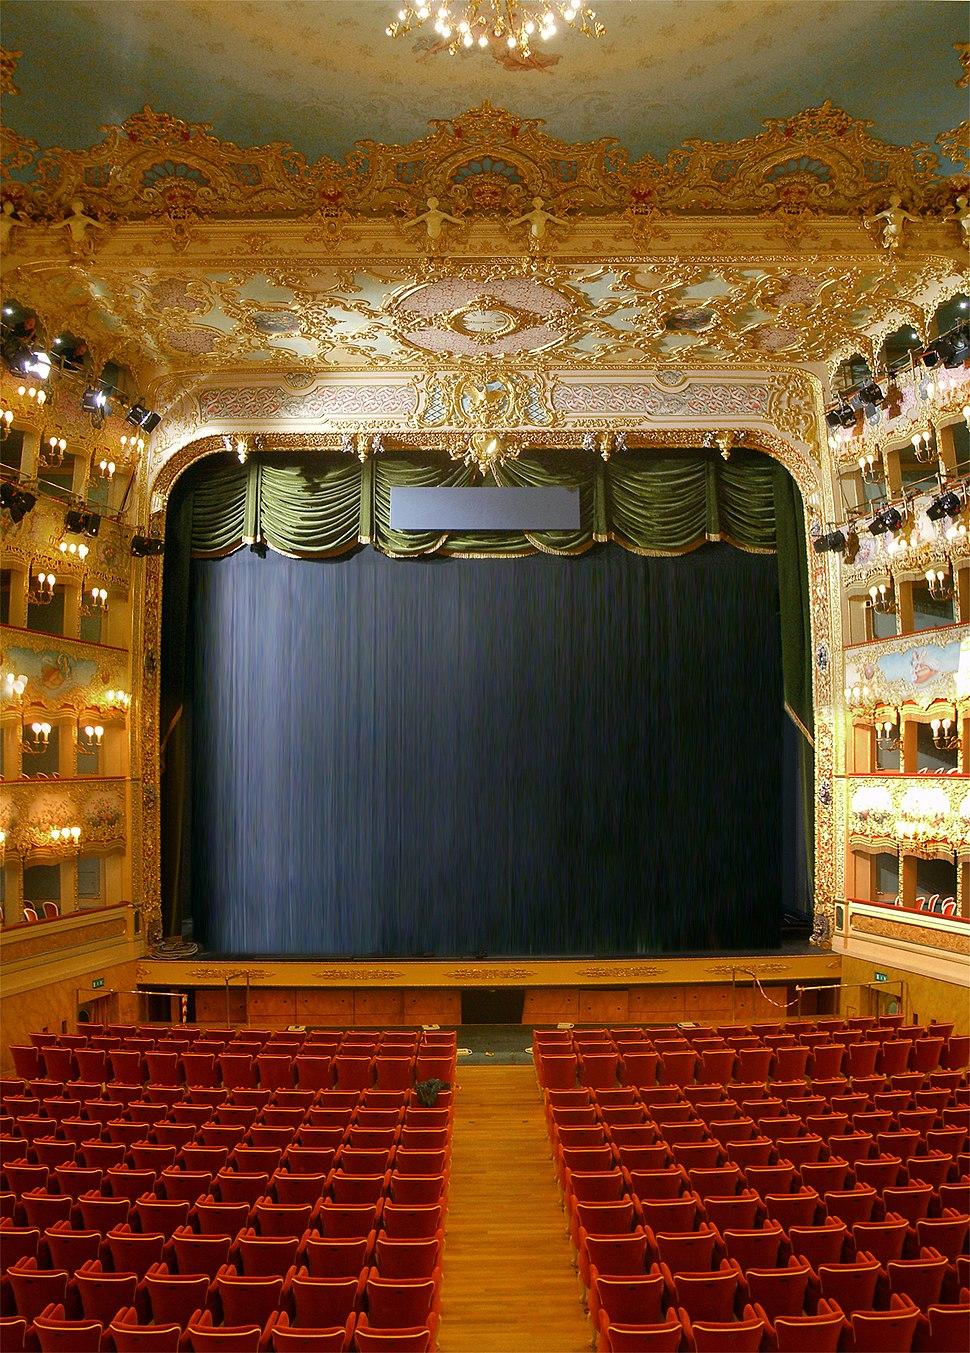 Teatro-la-fenice-sala